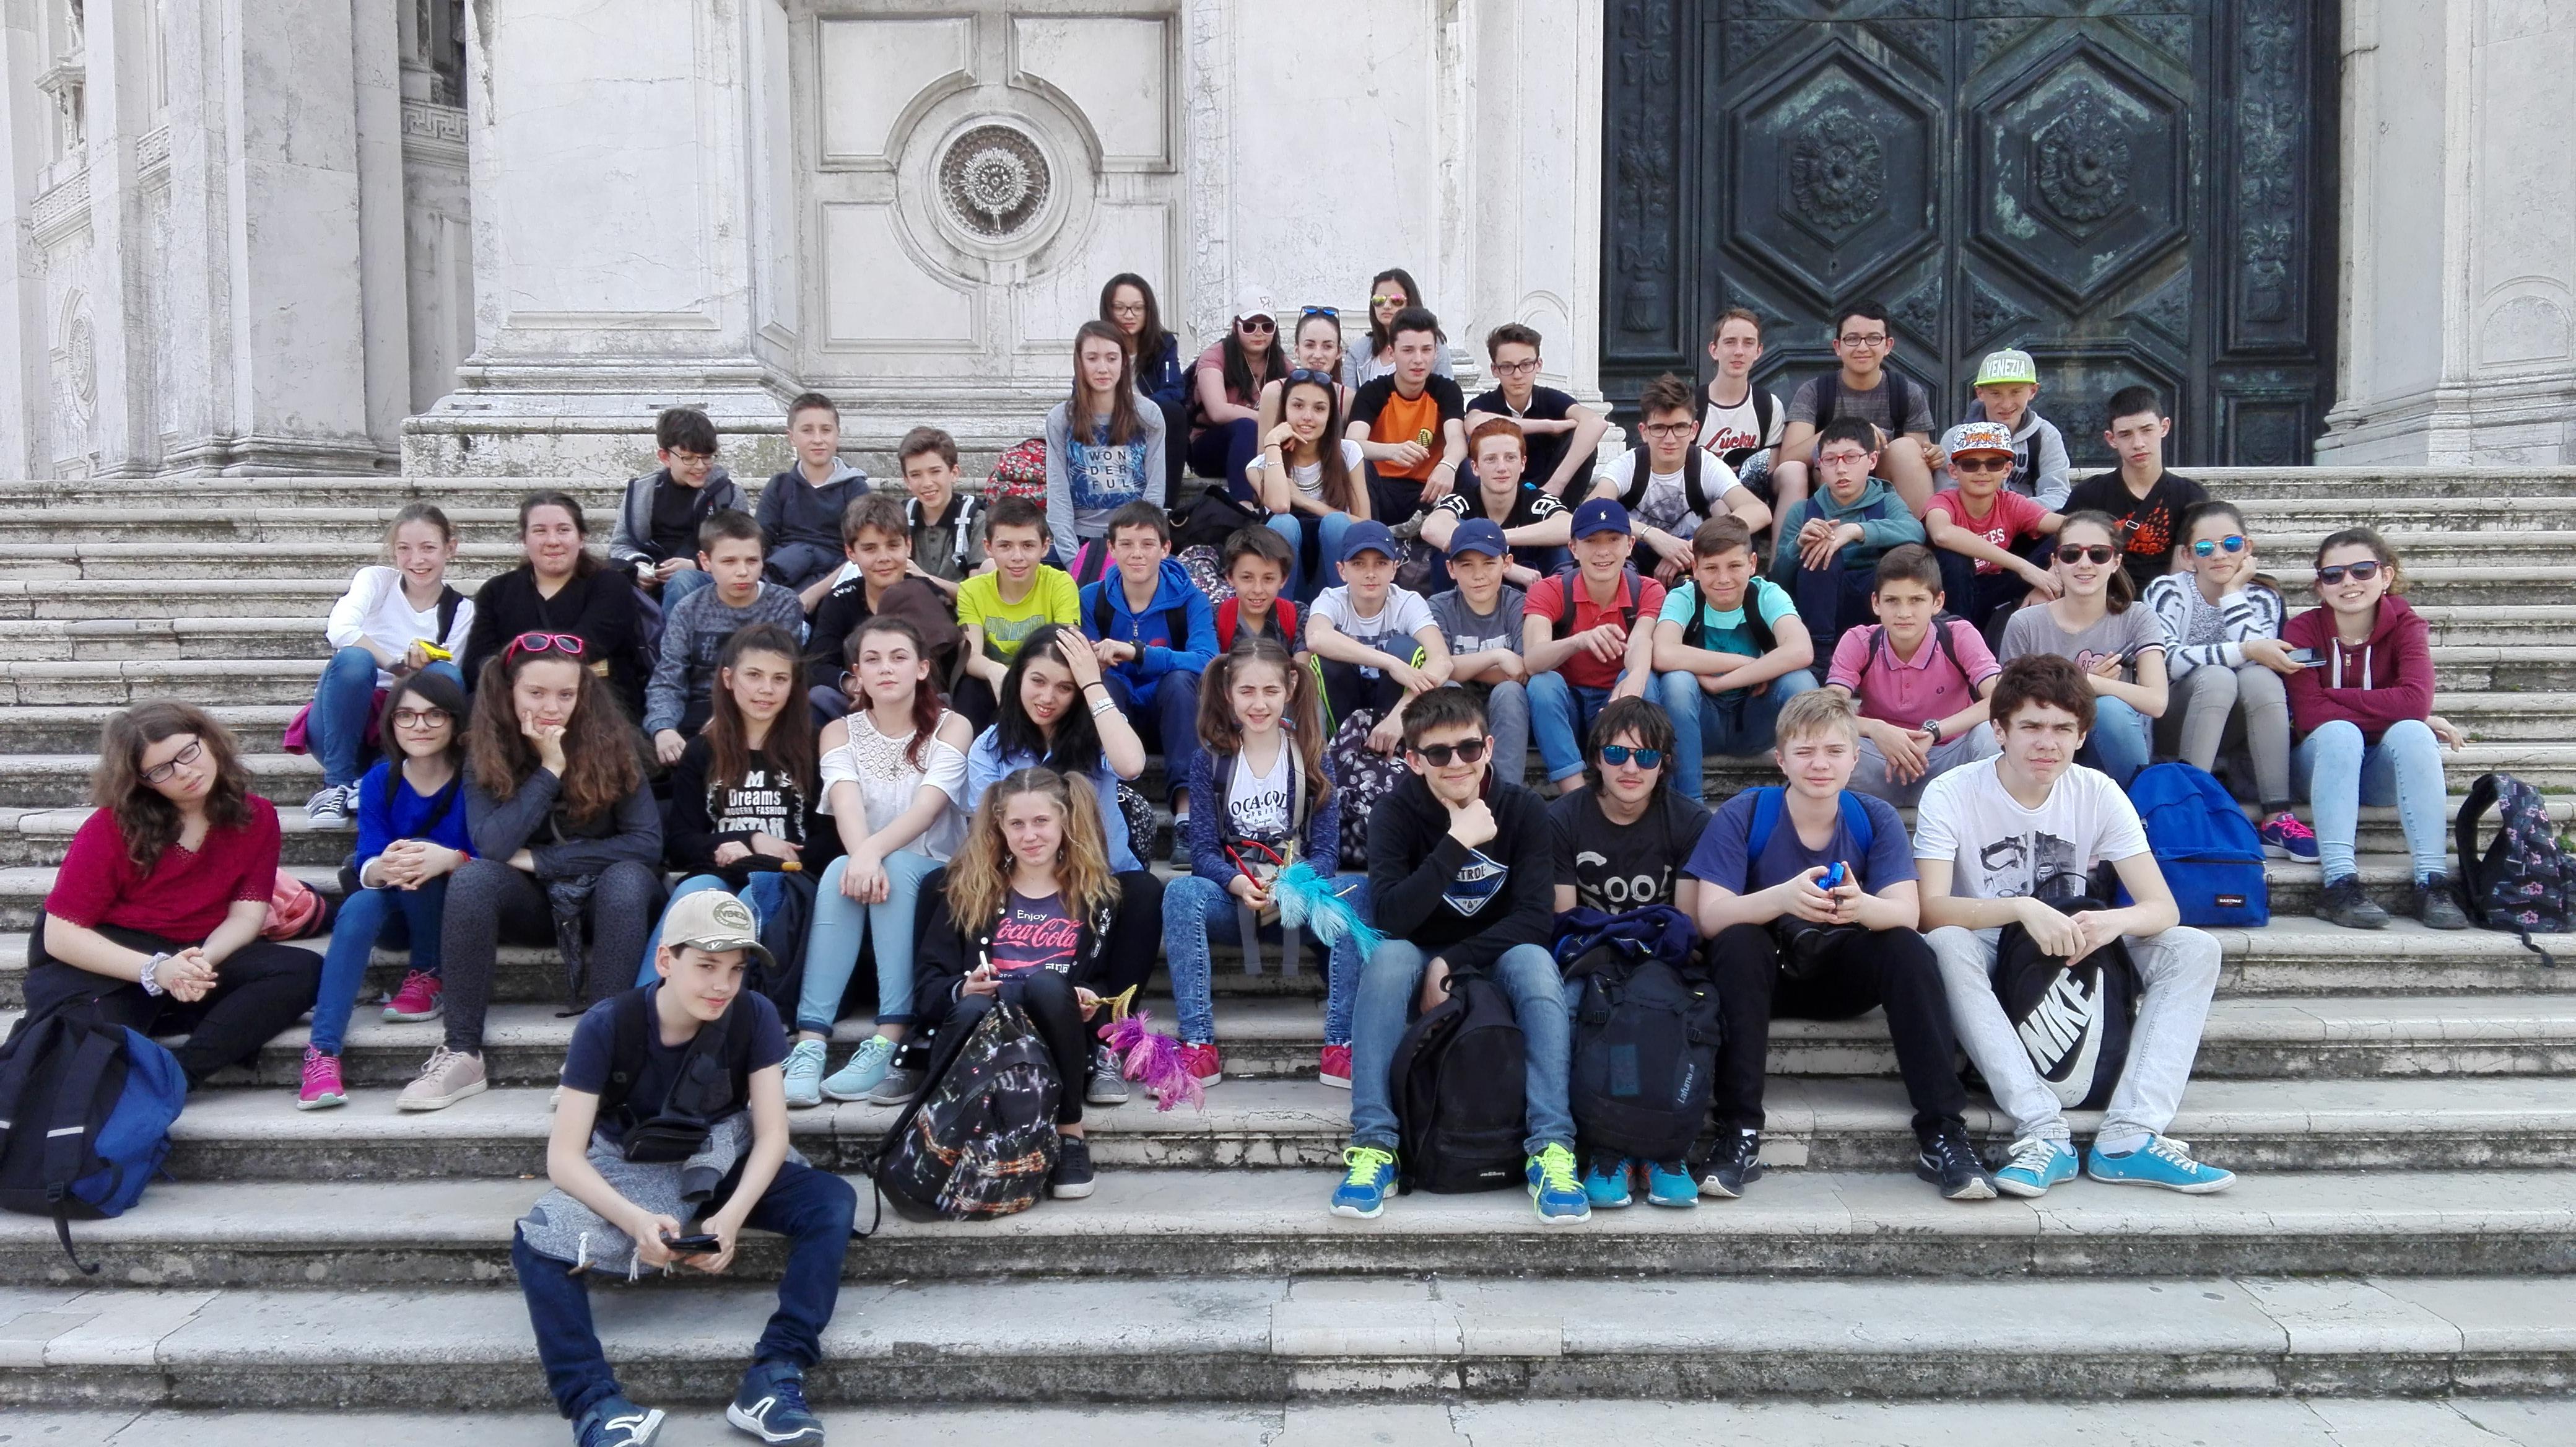 photo de famille devant l'église Santa Maria della Salute